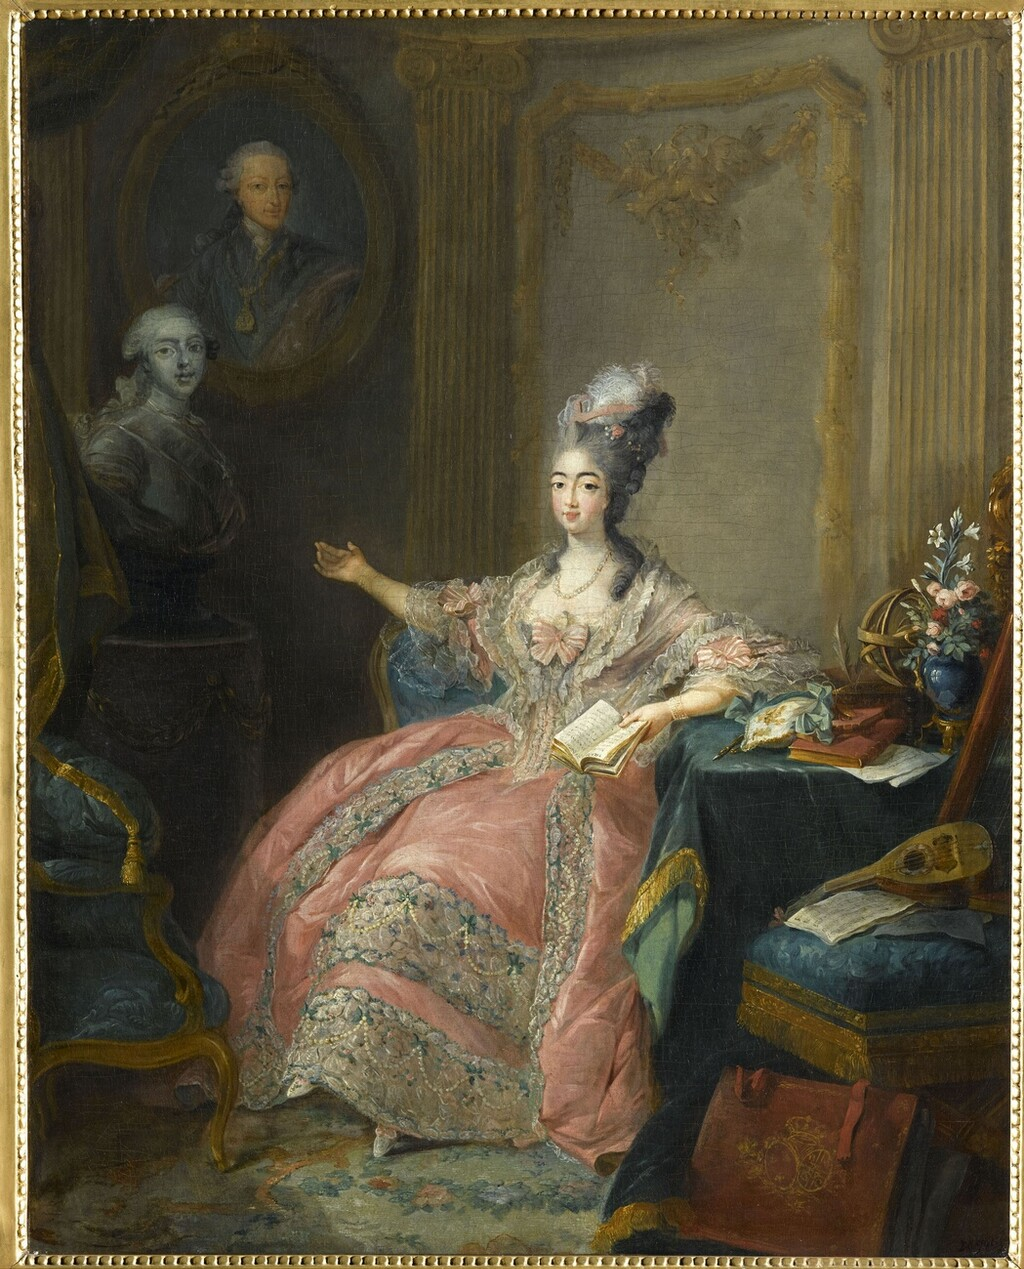 Savoie - Marie-Joséphine de Savoie, comtesse de Provence - Page 4 Image183